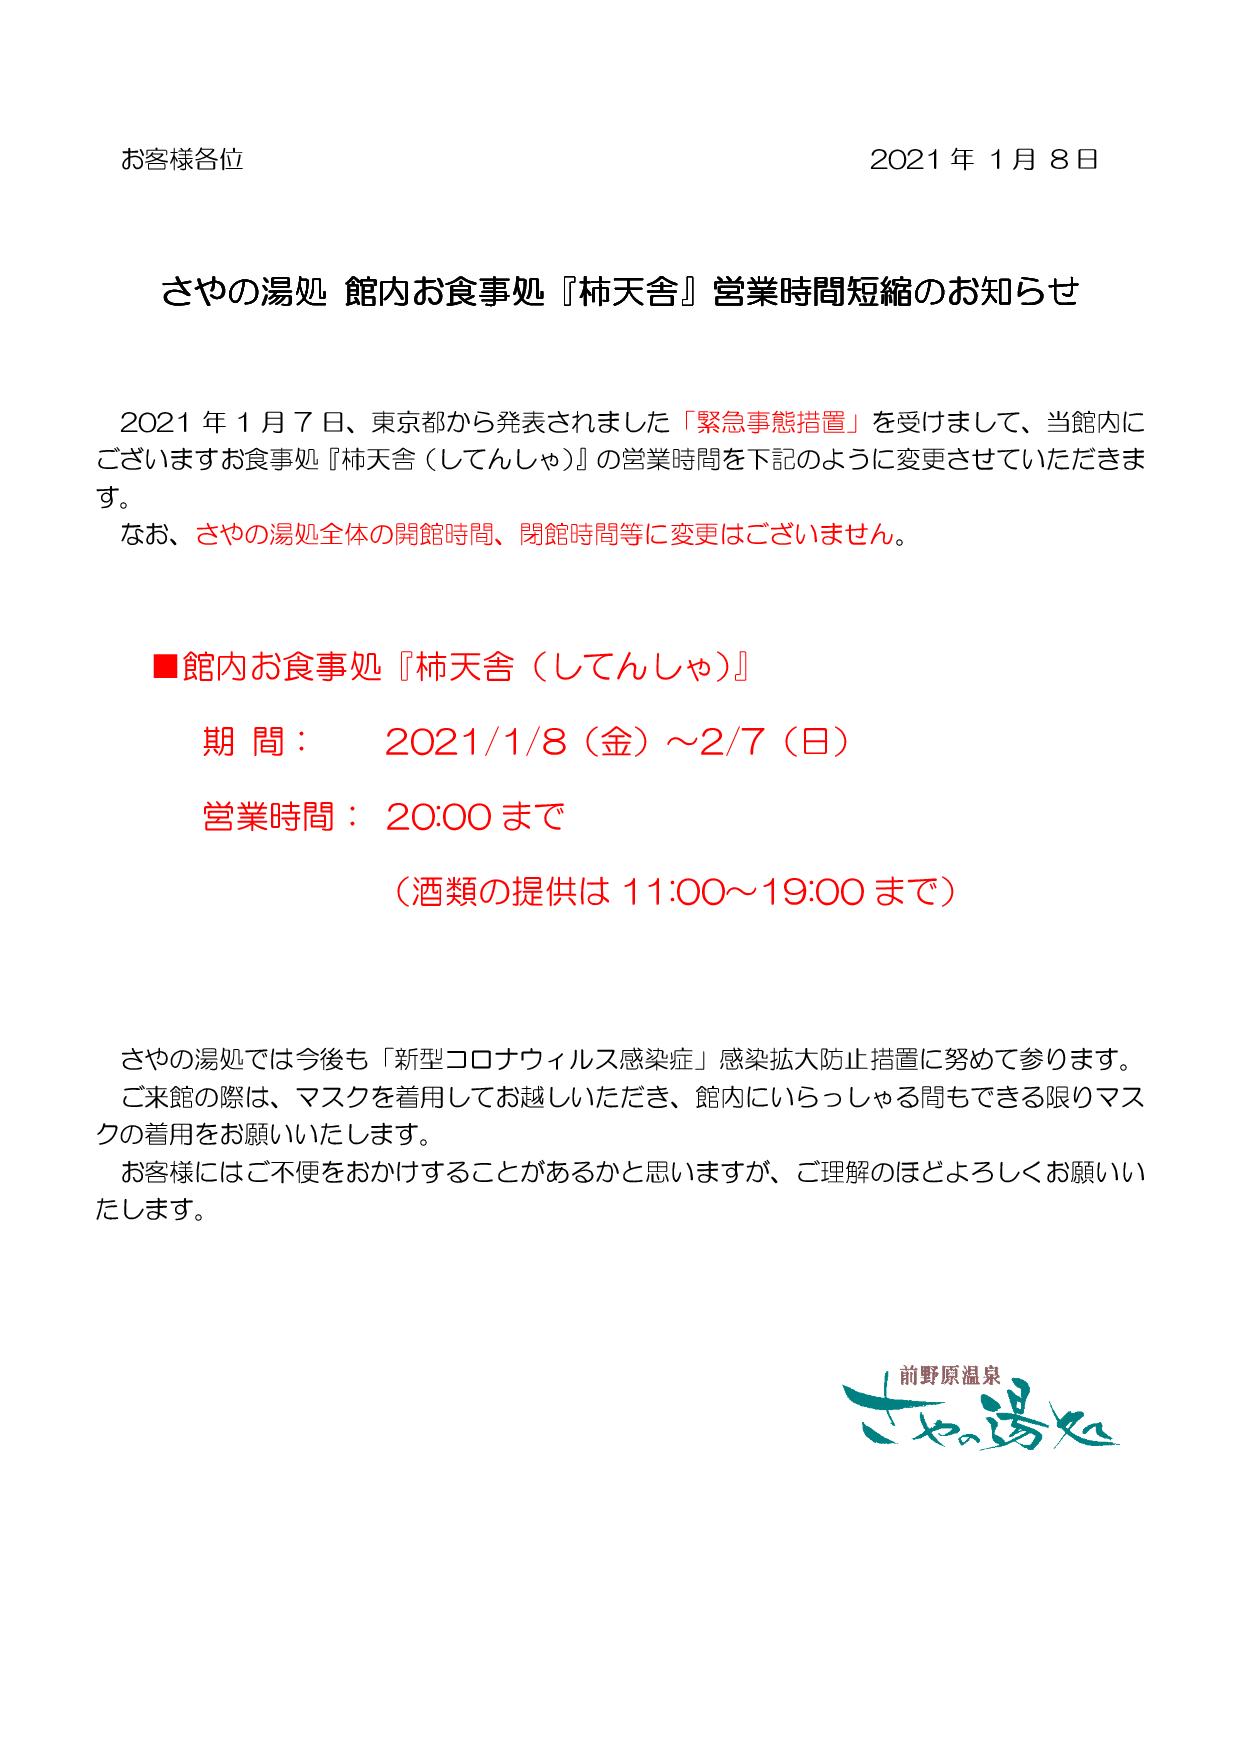 お食事処『柿天舎』営業時間短縮のお知らせ(2/7まで)